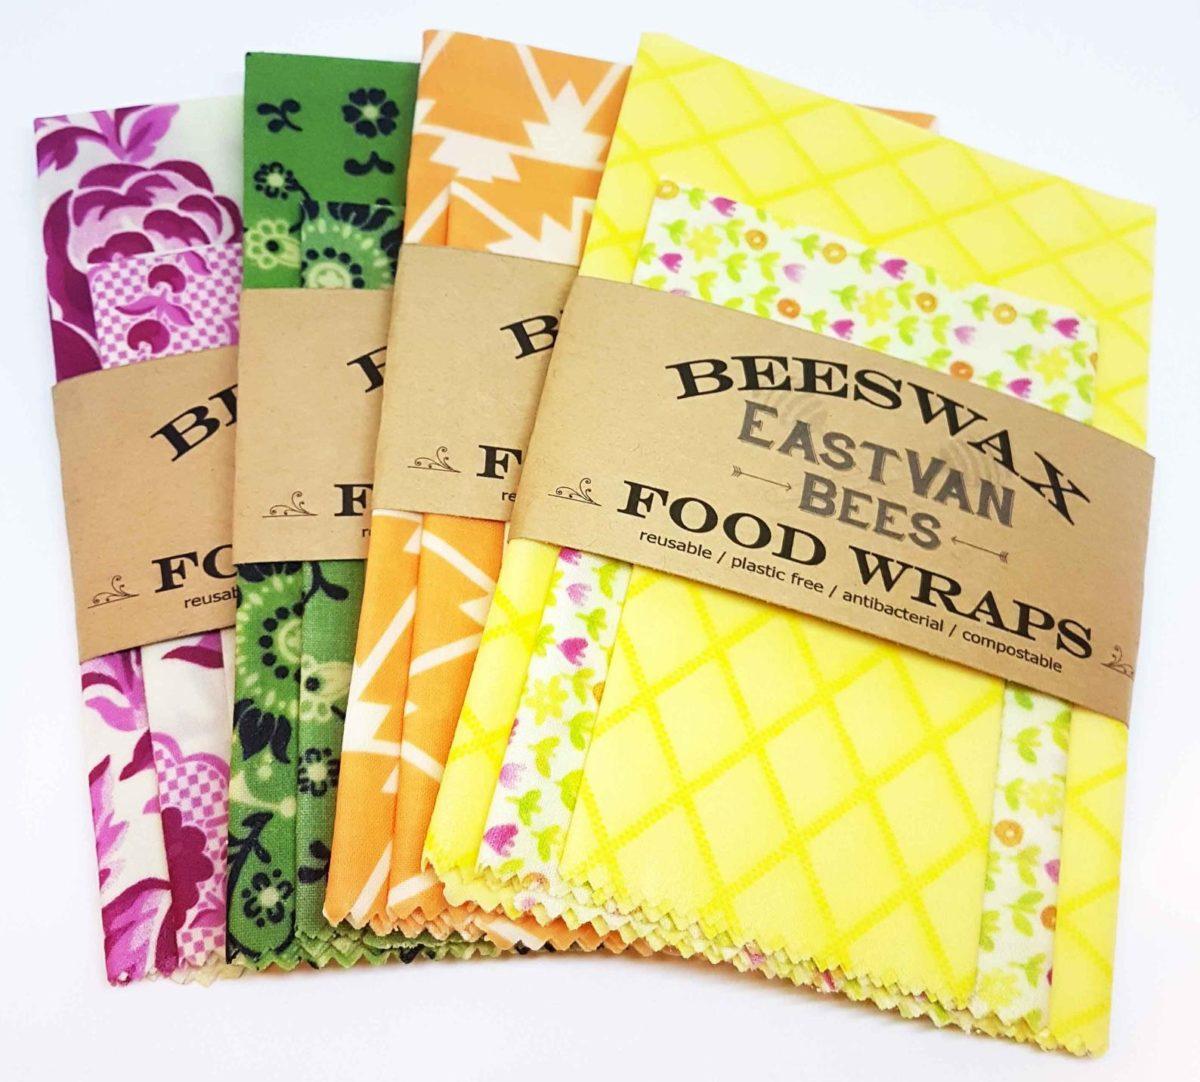 Bees Wax food wraps for zero waste entertaining